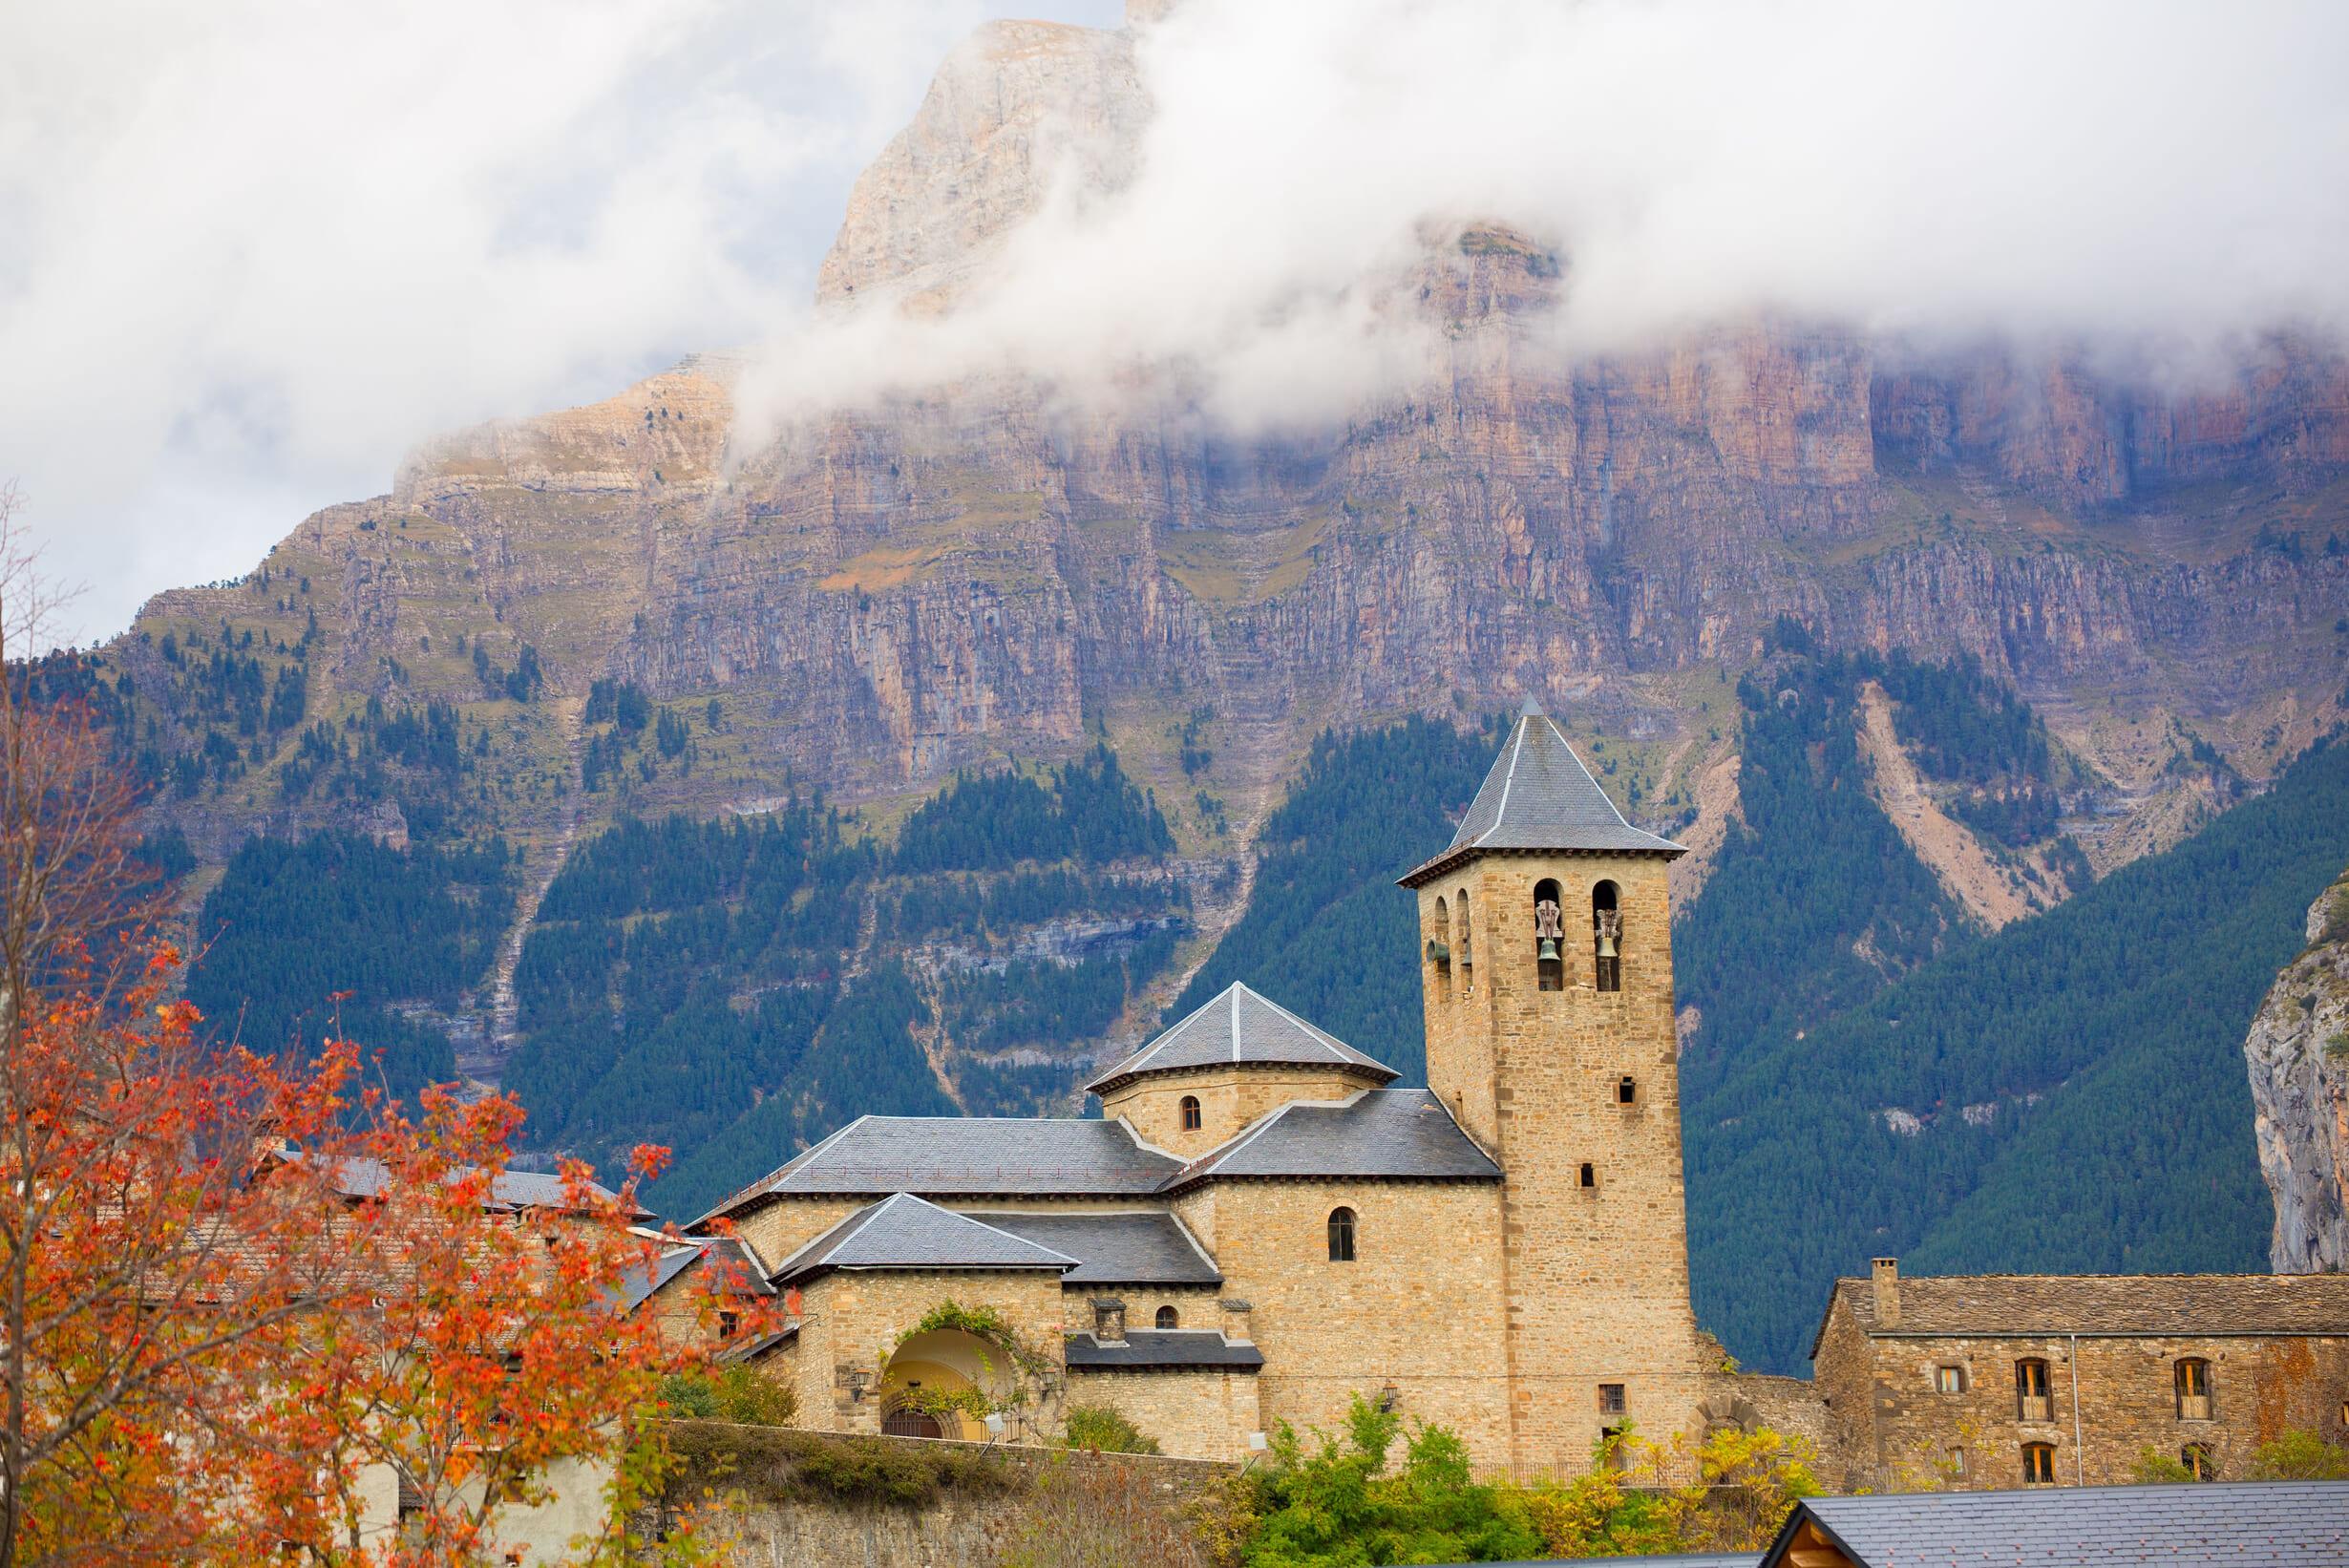 北スペインの観光スポットであるピレネー山中に佇むトルラ村